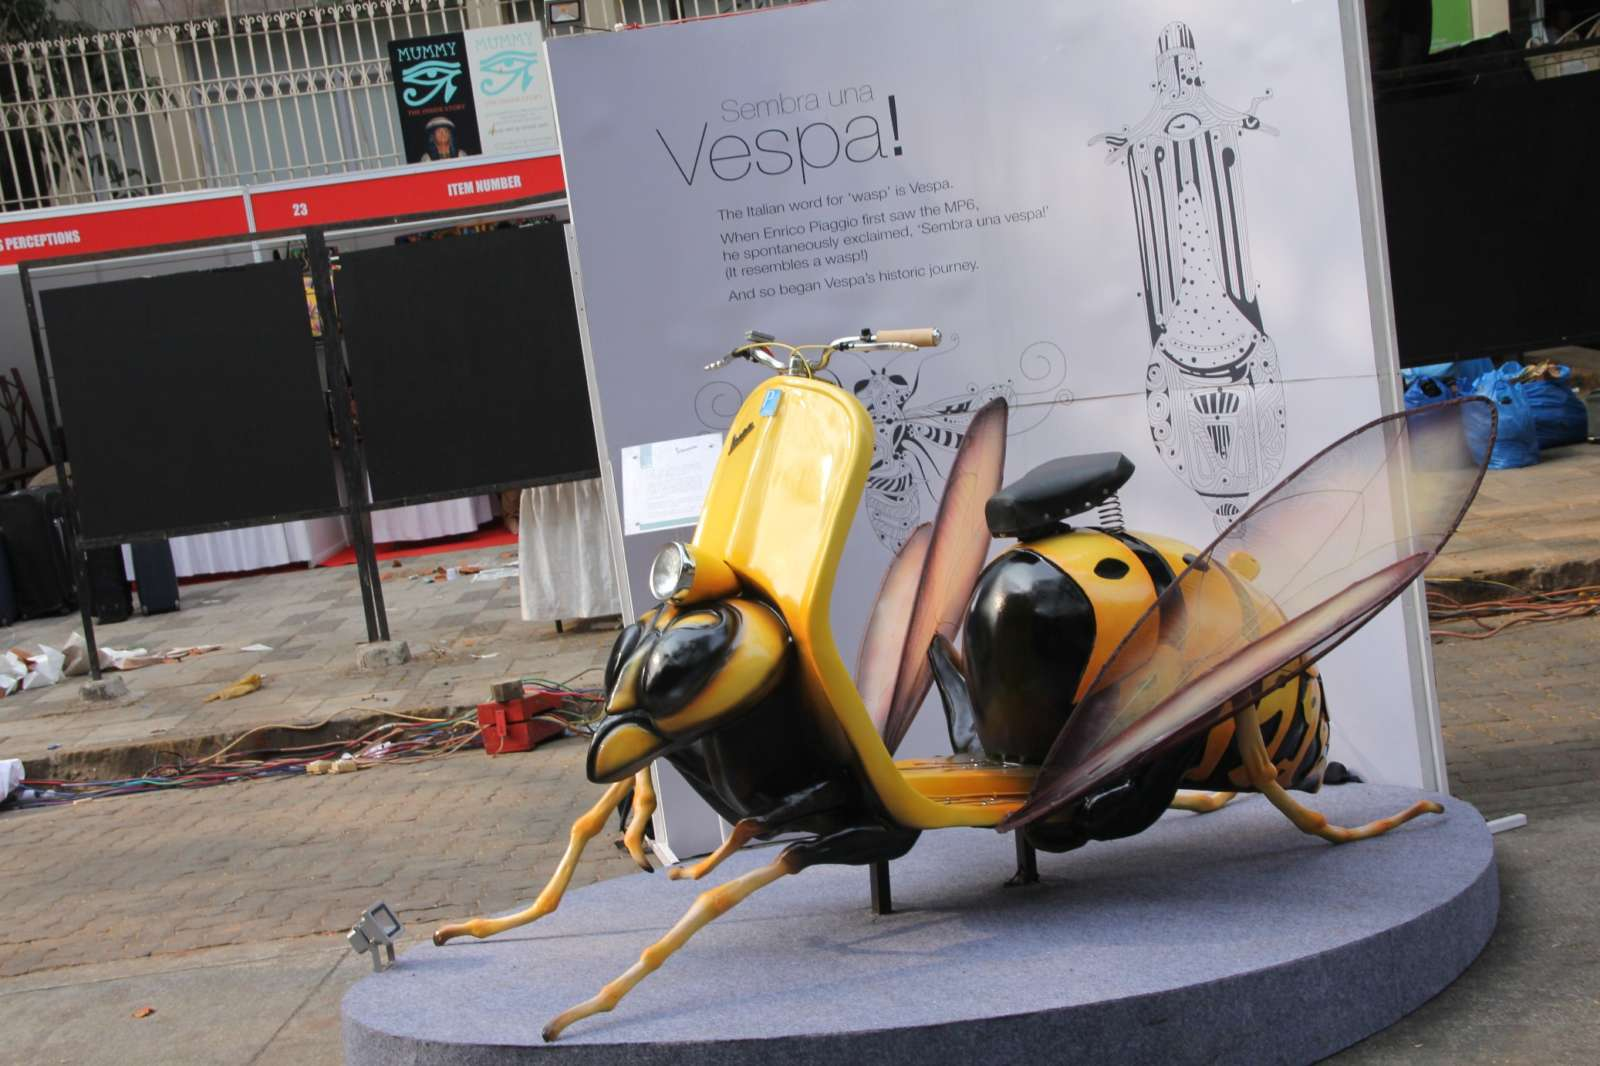 vespa wasp